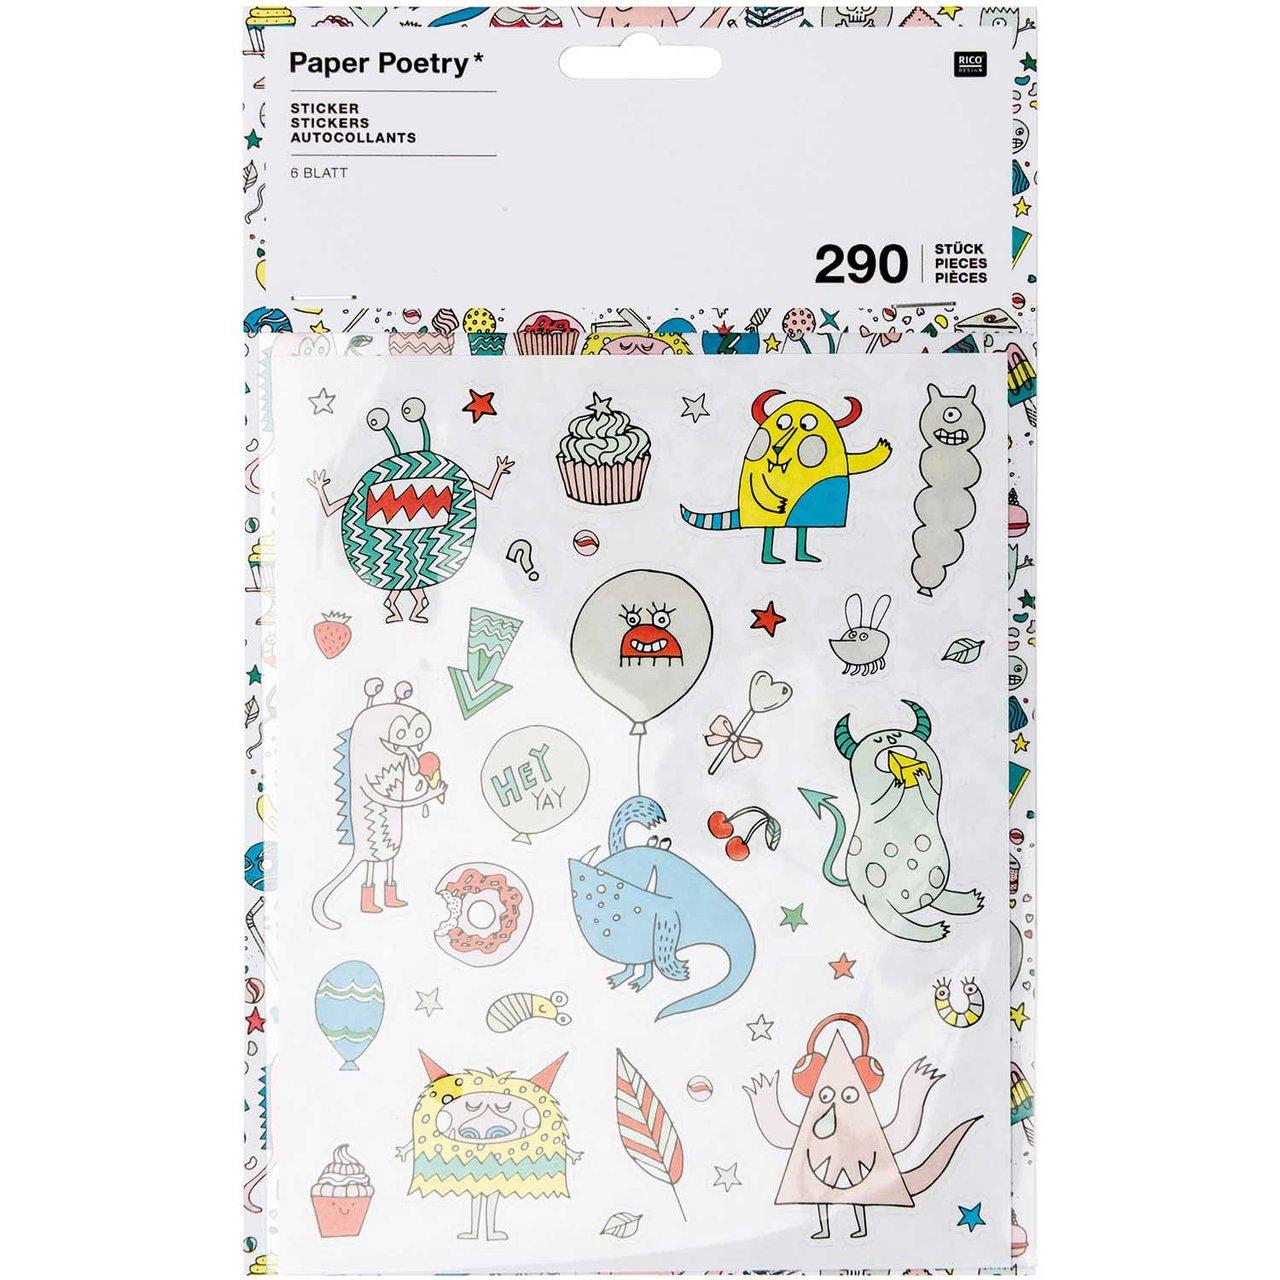 Paper Poetry Sticker Monster Party 6 Blatt